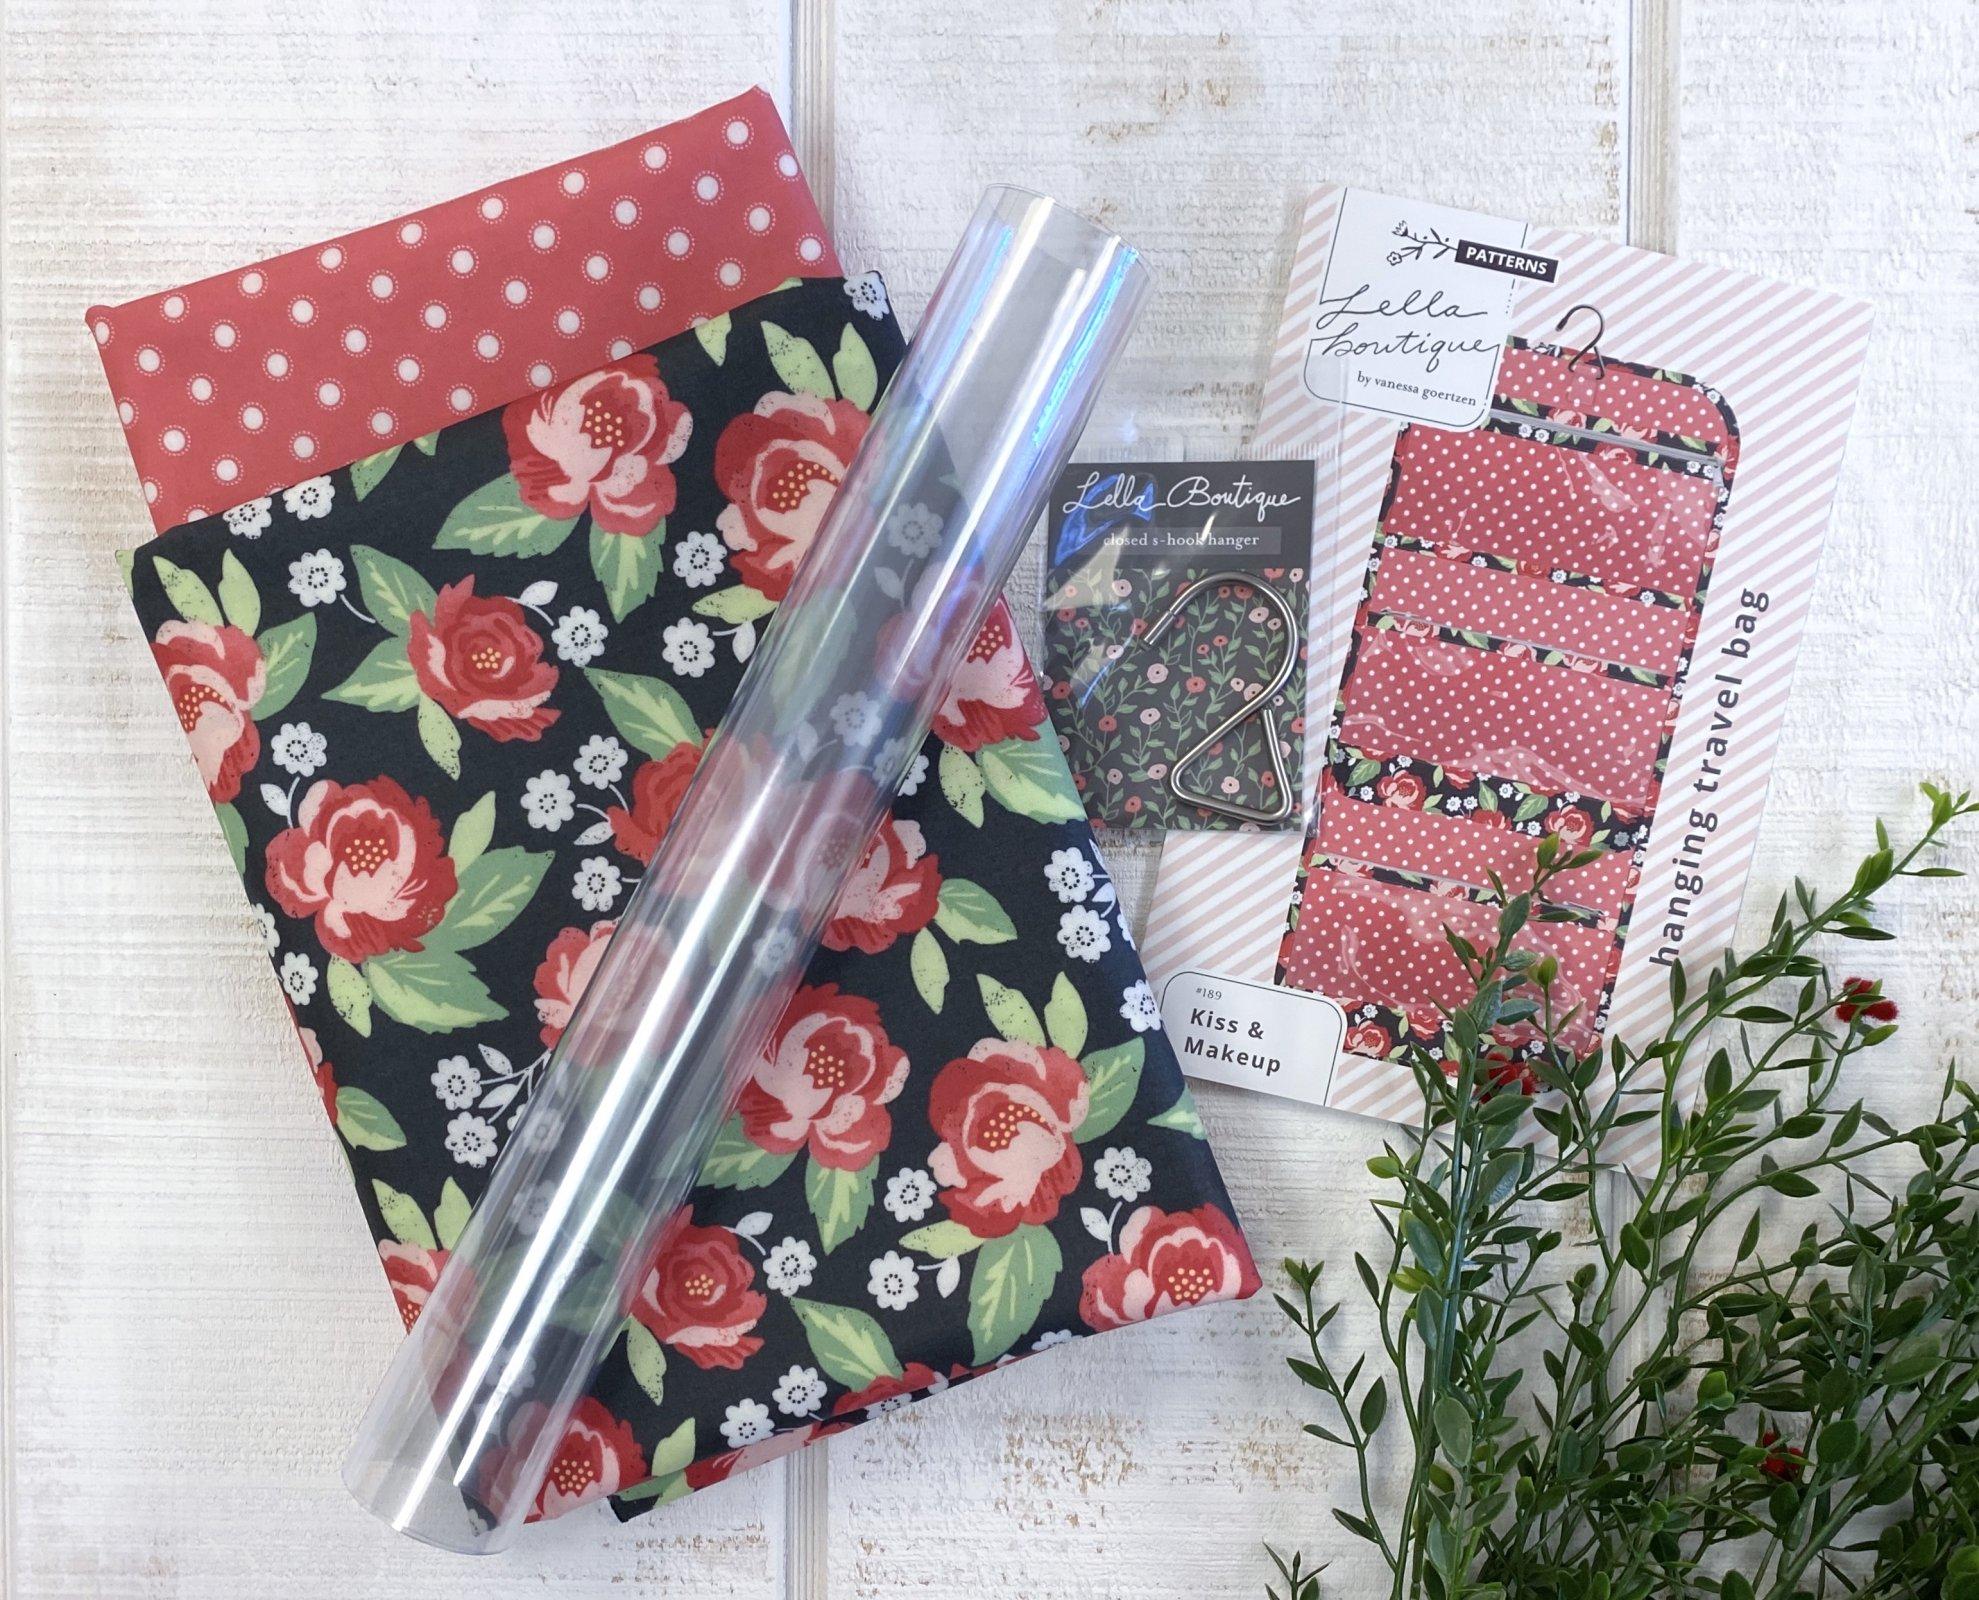 Kiss & Makeup Travel Bag Kit